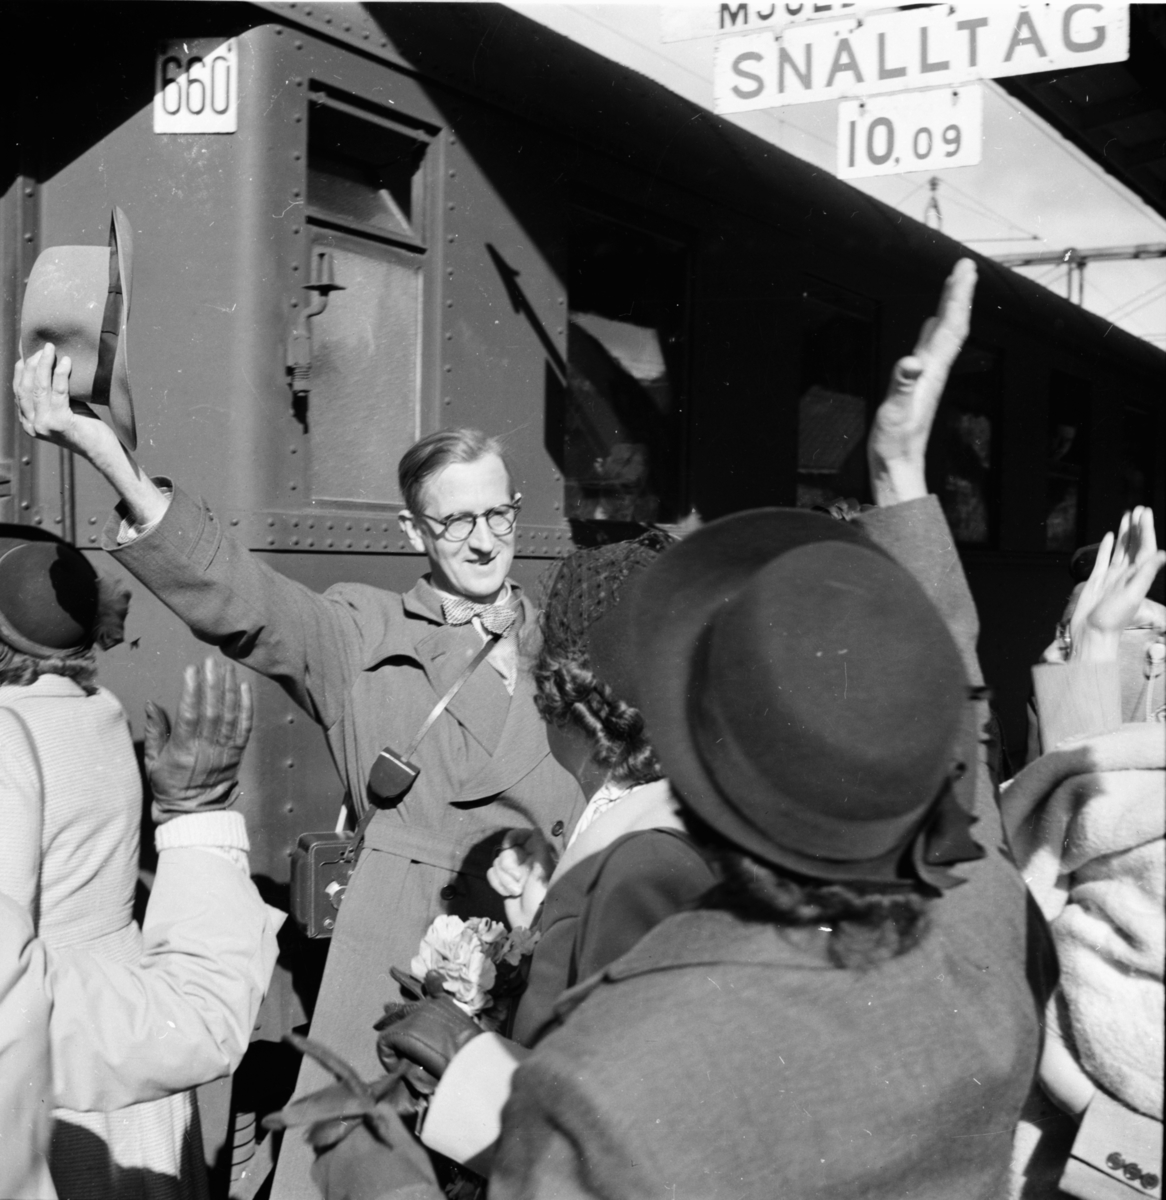 P.W Häger satte igång en insamling till Erland Andersson Bollnä, som var reumatiker genom tidningen Ljusnan och fick pengar för att resa till Kanarieöarna.